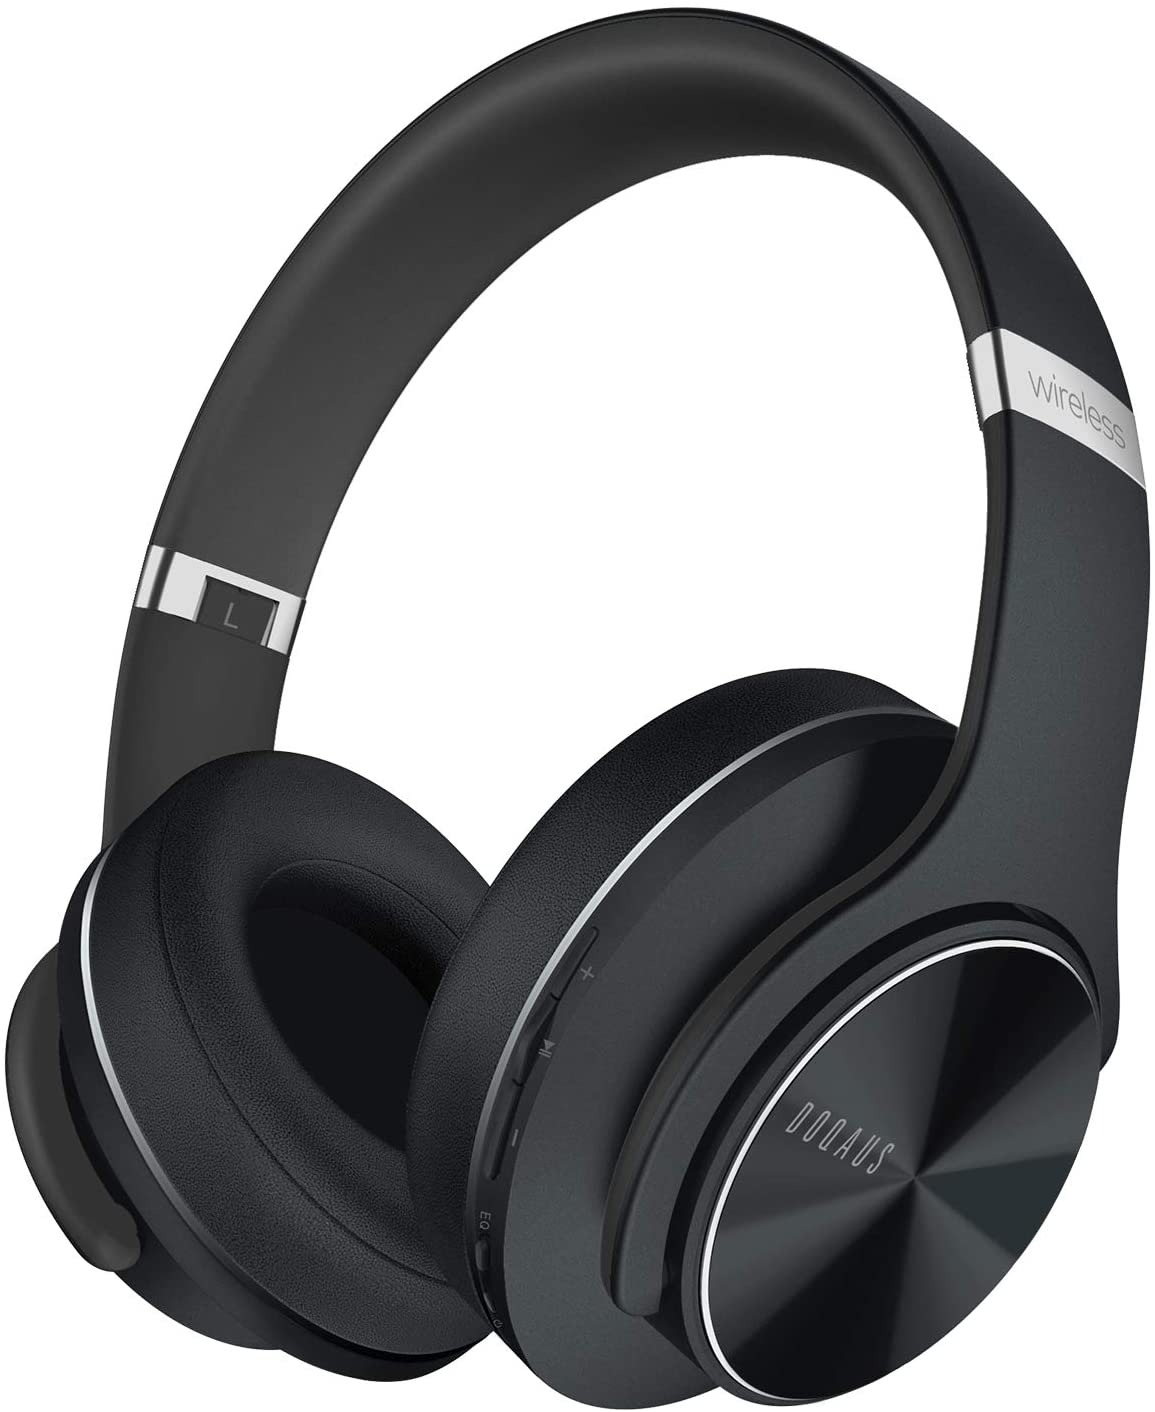 DOQAUS Auriculares Inalámbrico Diadema, [52 Hrs de Reproducir] Hi-Fi Sonido, Cascos Bluetooth con 3 Modo EQ, Micrófono Incorporado y Doble Controlador de 40 mm, para Móviles/Xiaomi/TV (Negro) [Clase de eficiencia energética A+++]